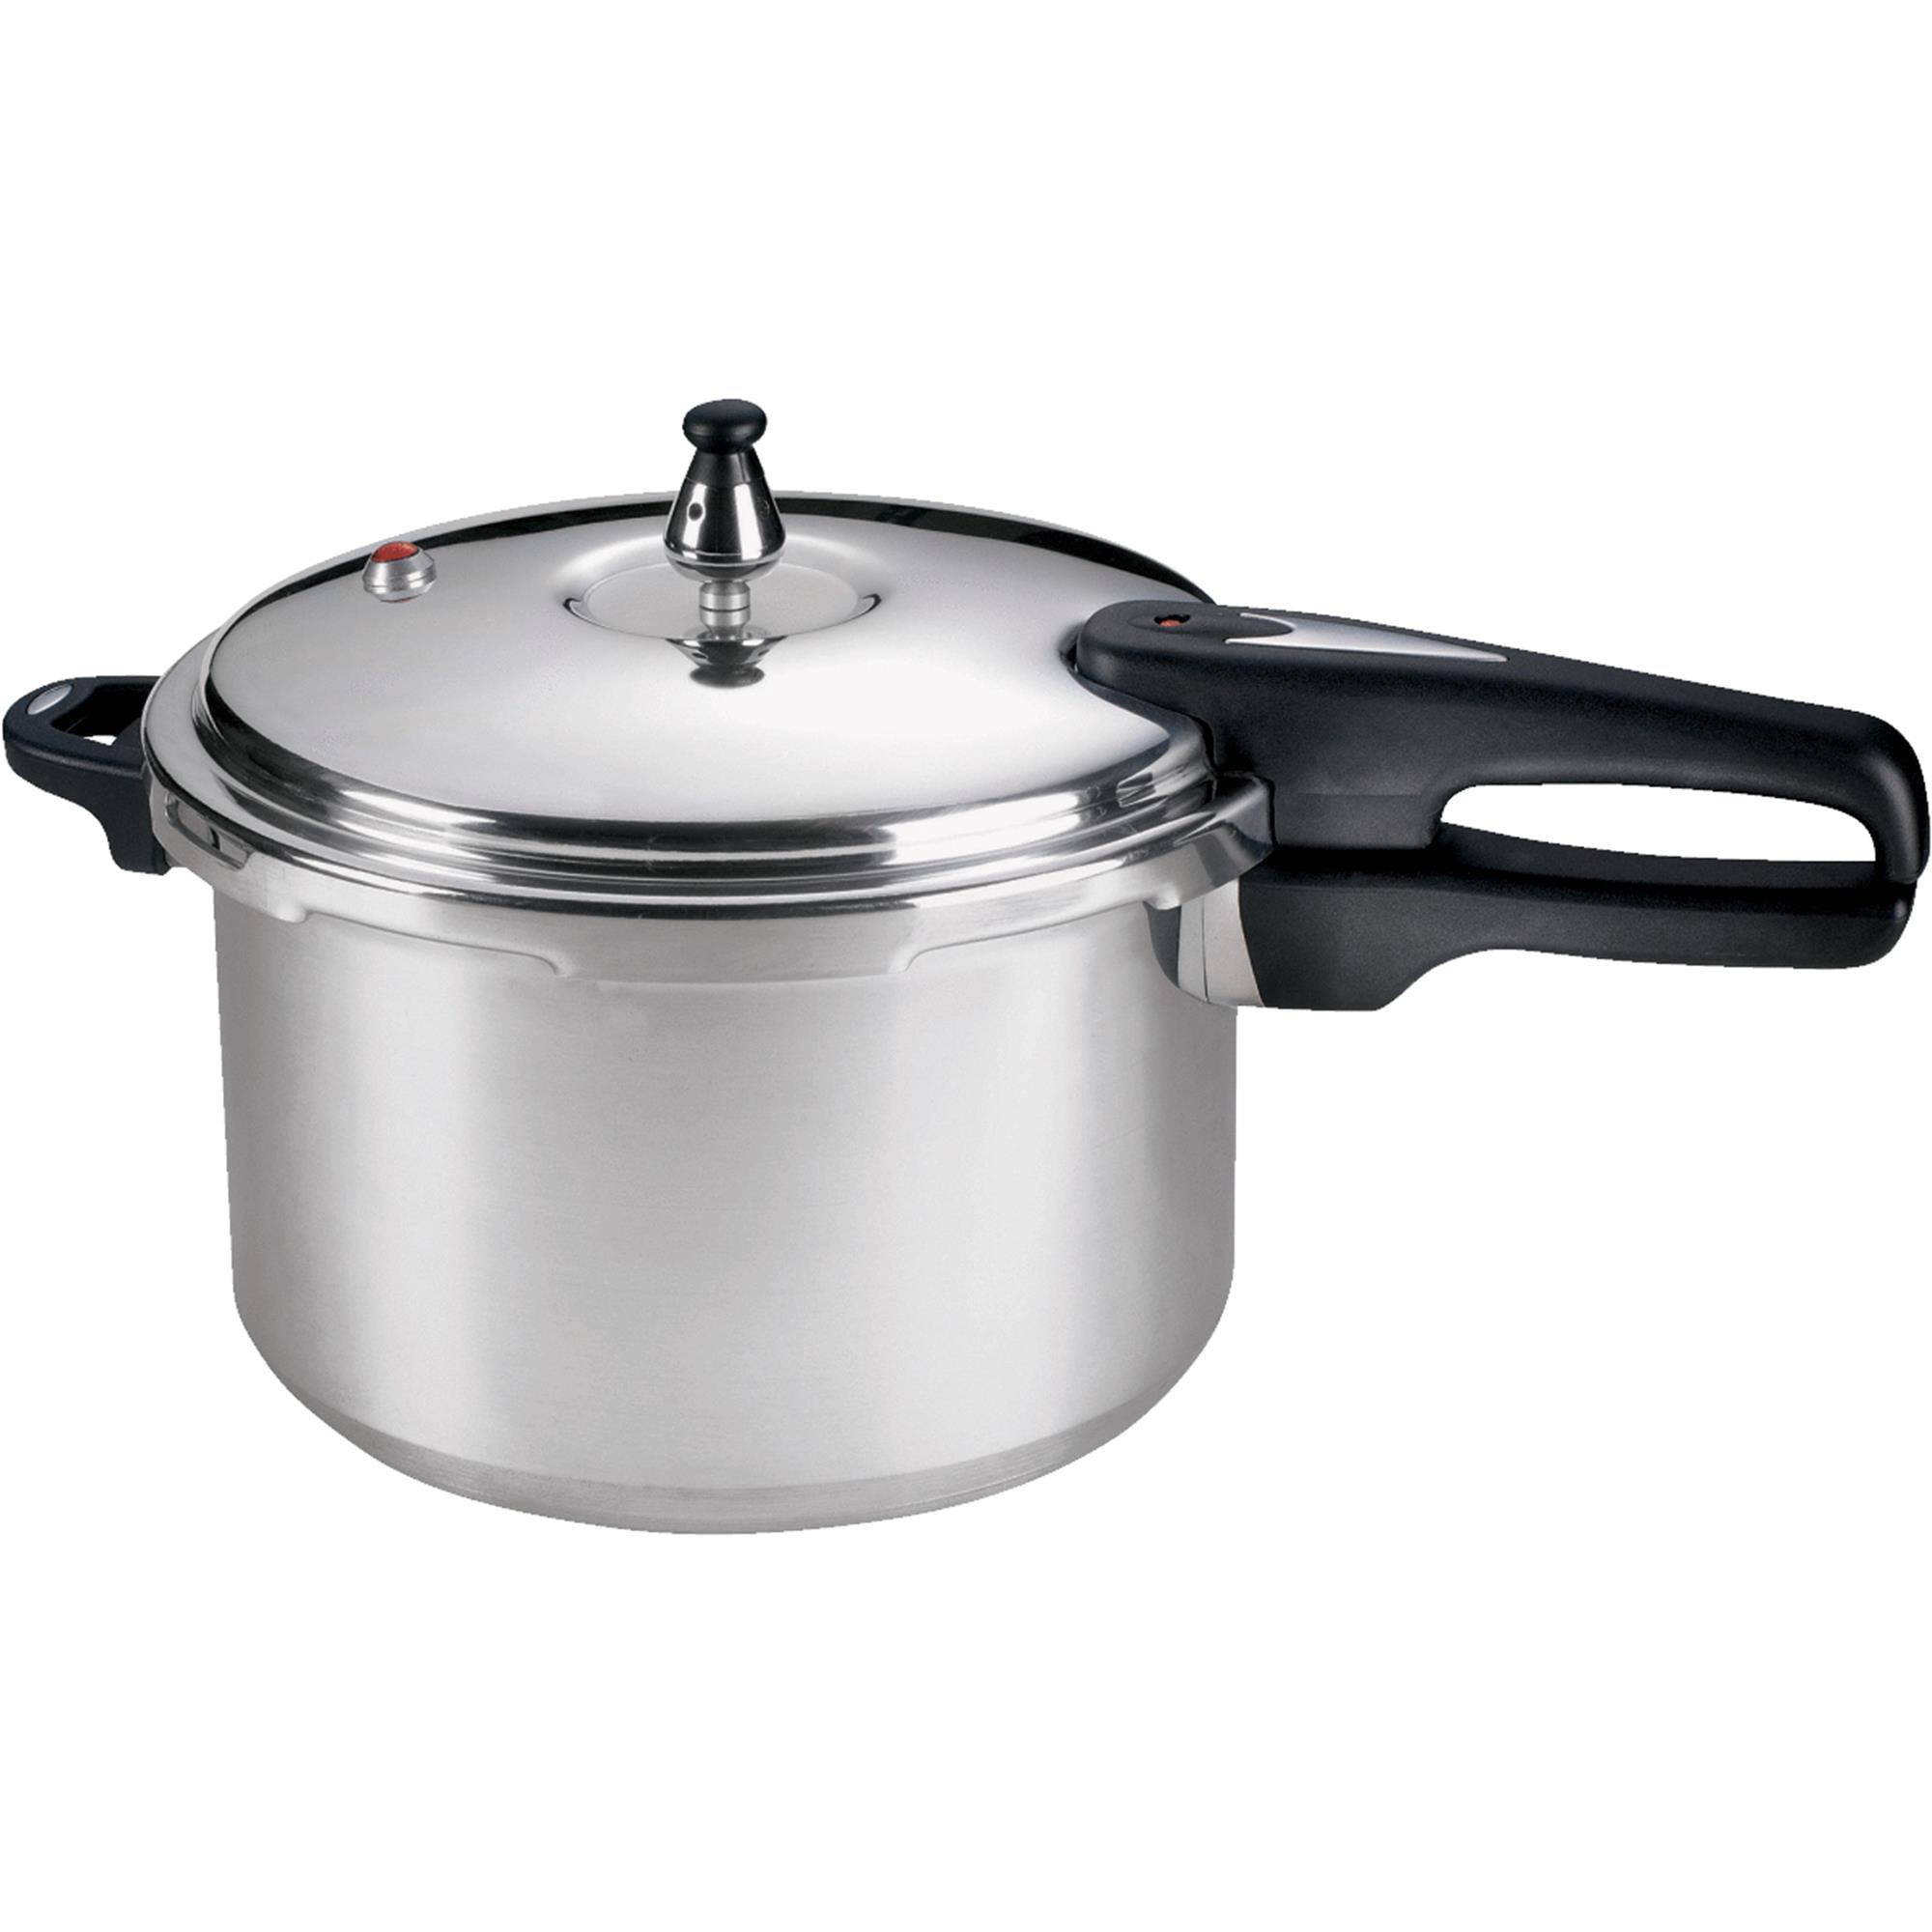 Mirro 8-Quart Aluminum Pressure Cooker